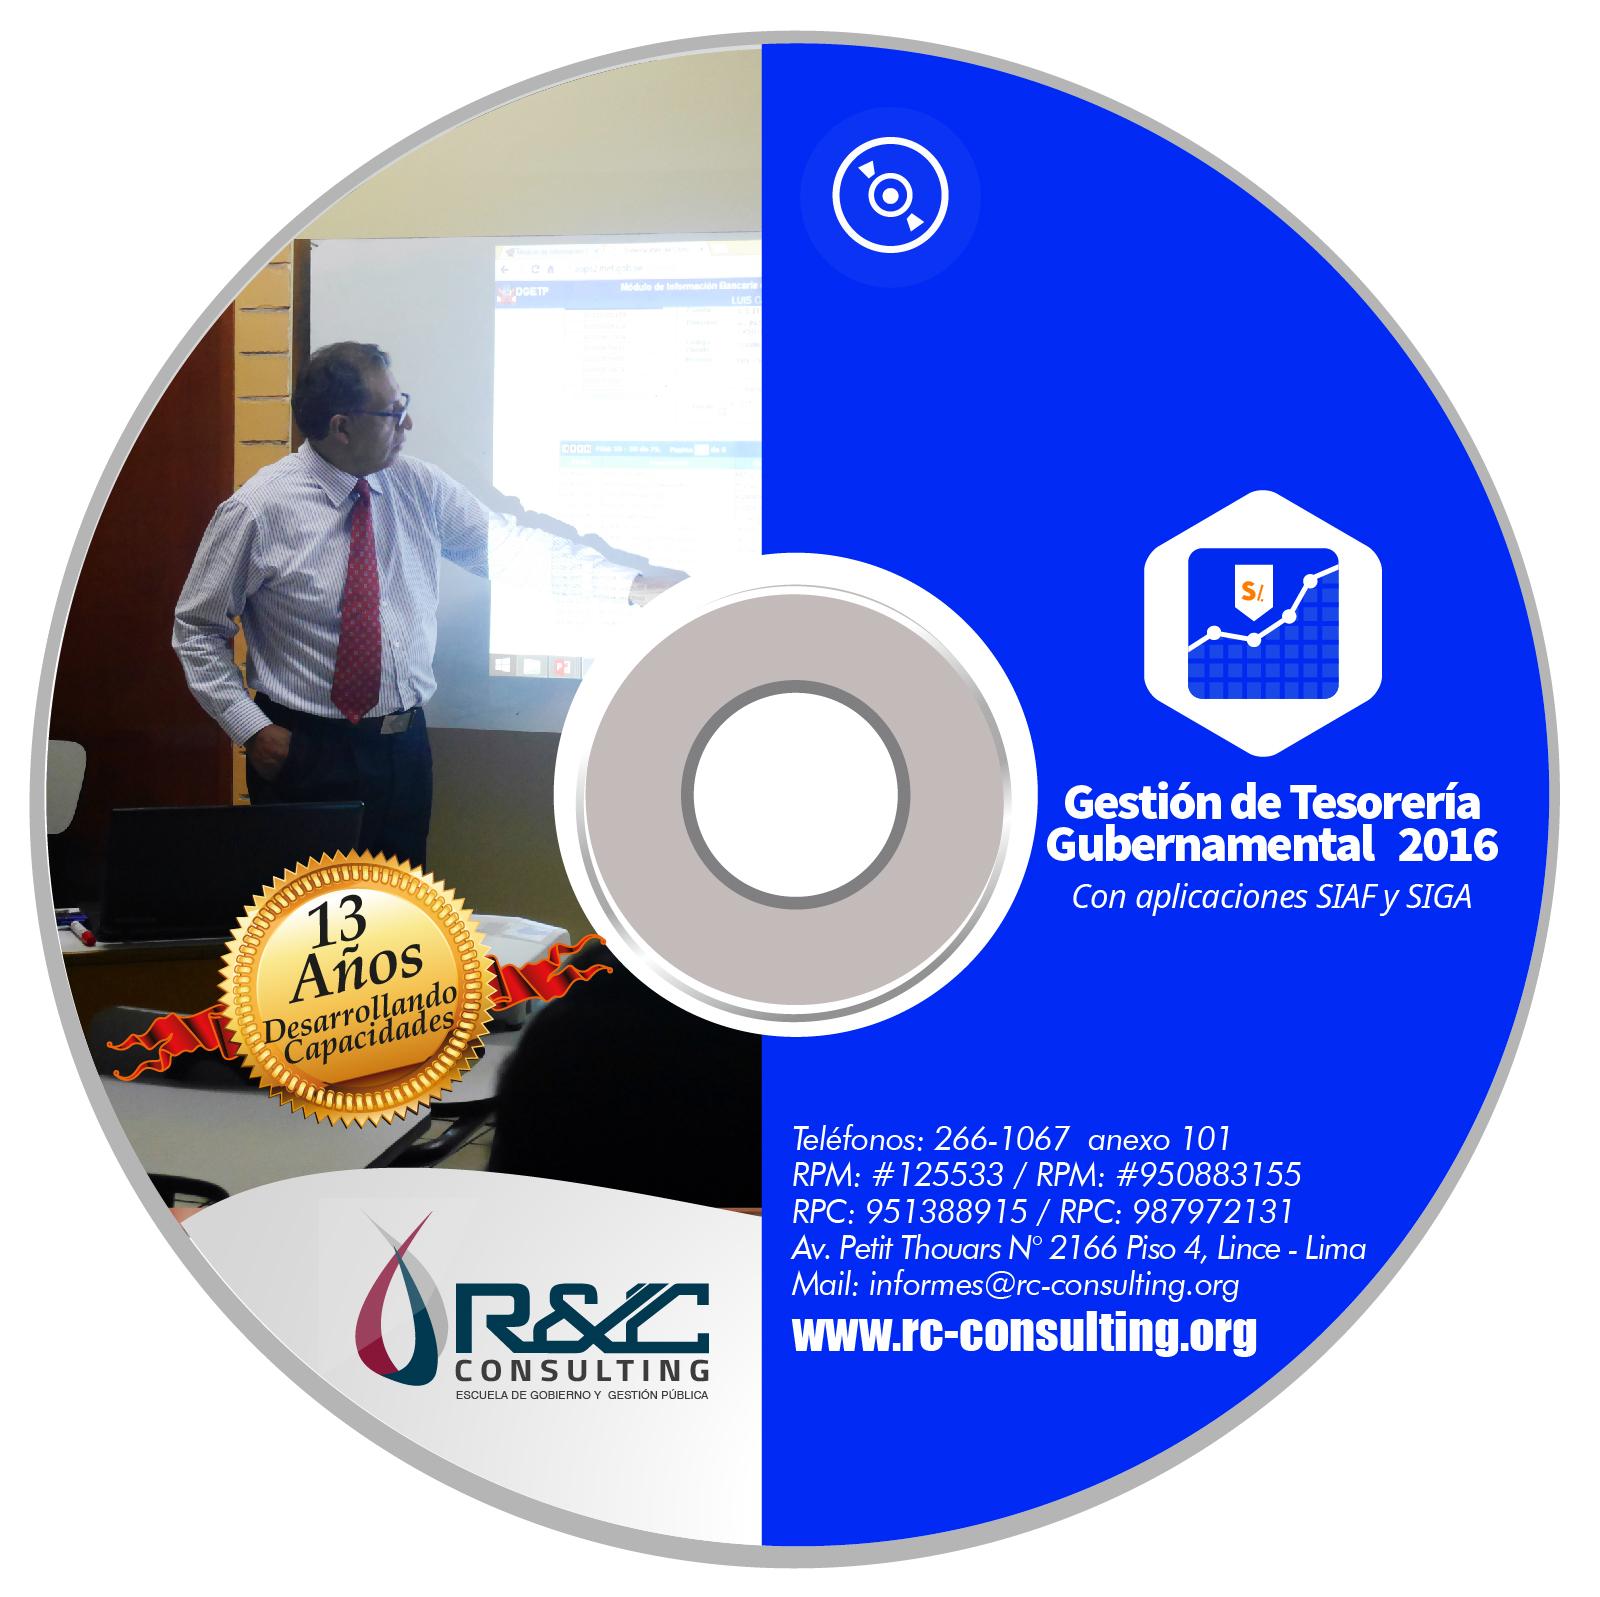 Capacitacion de Gestión Pública en DVD - diploma contrataciones